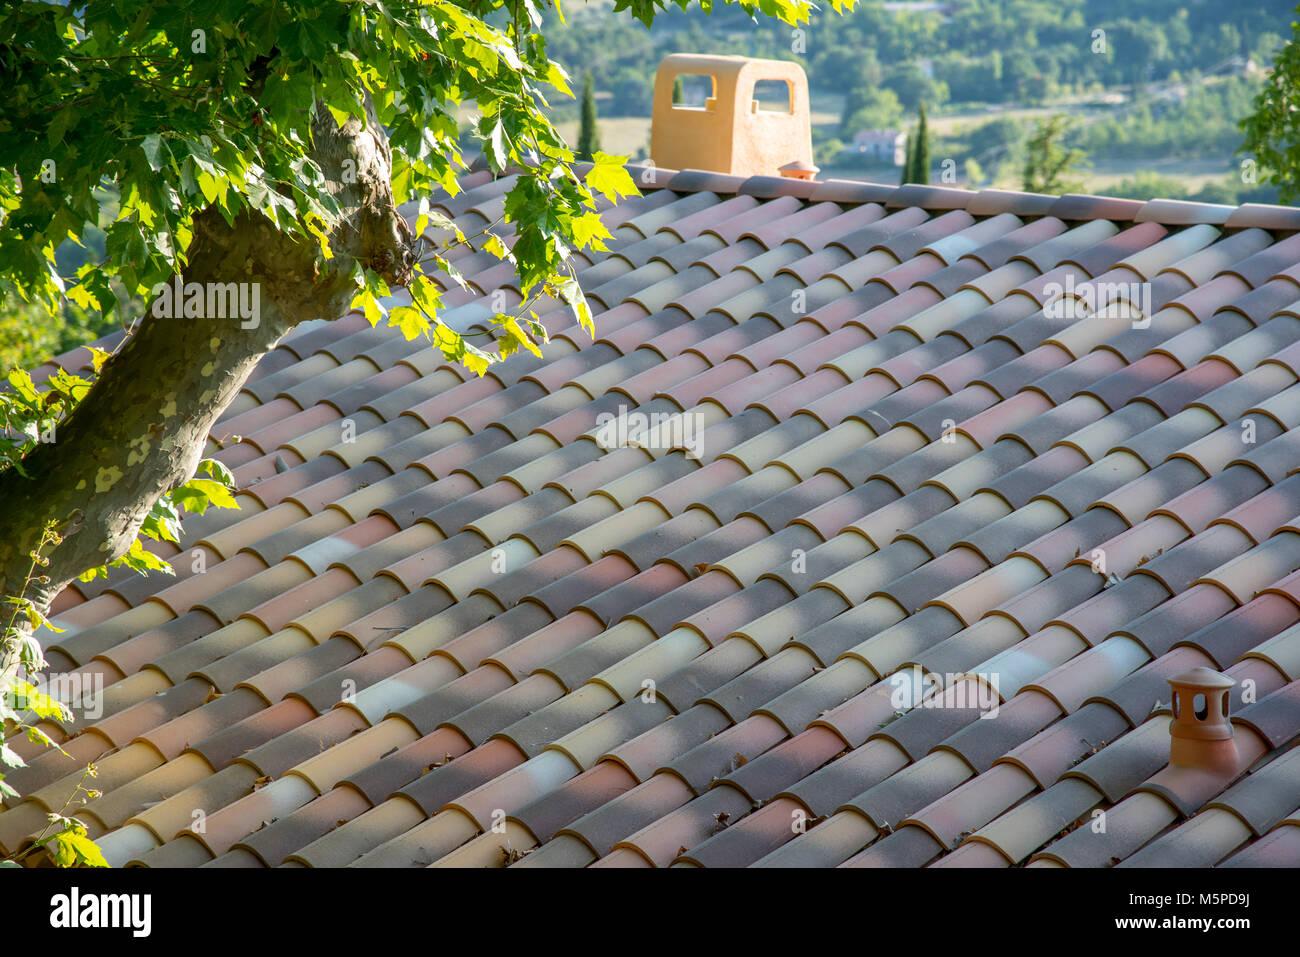 Maison Toit De France maison avec toit de tuiles au sud de france banque d'images